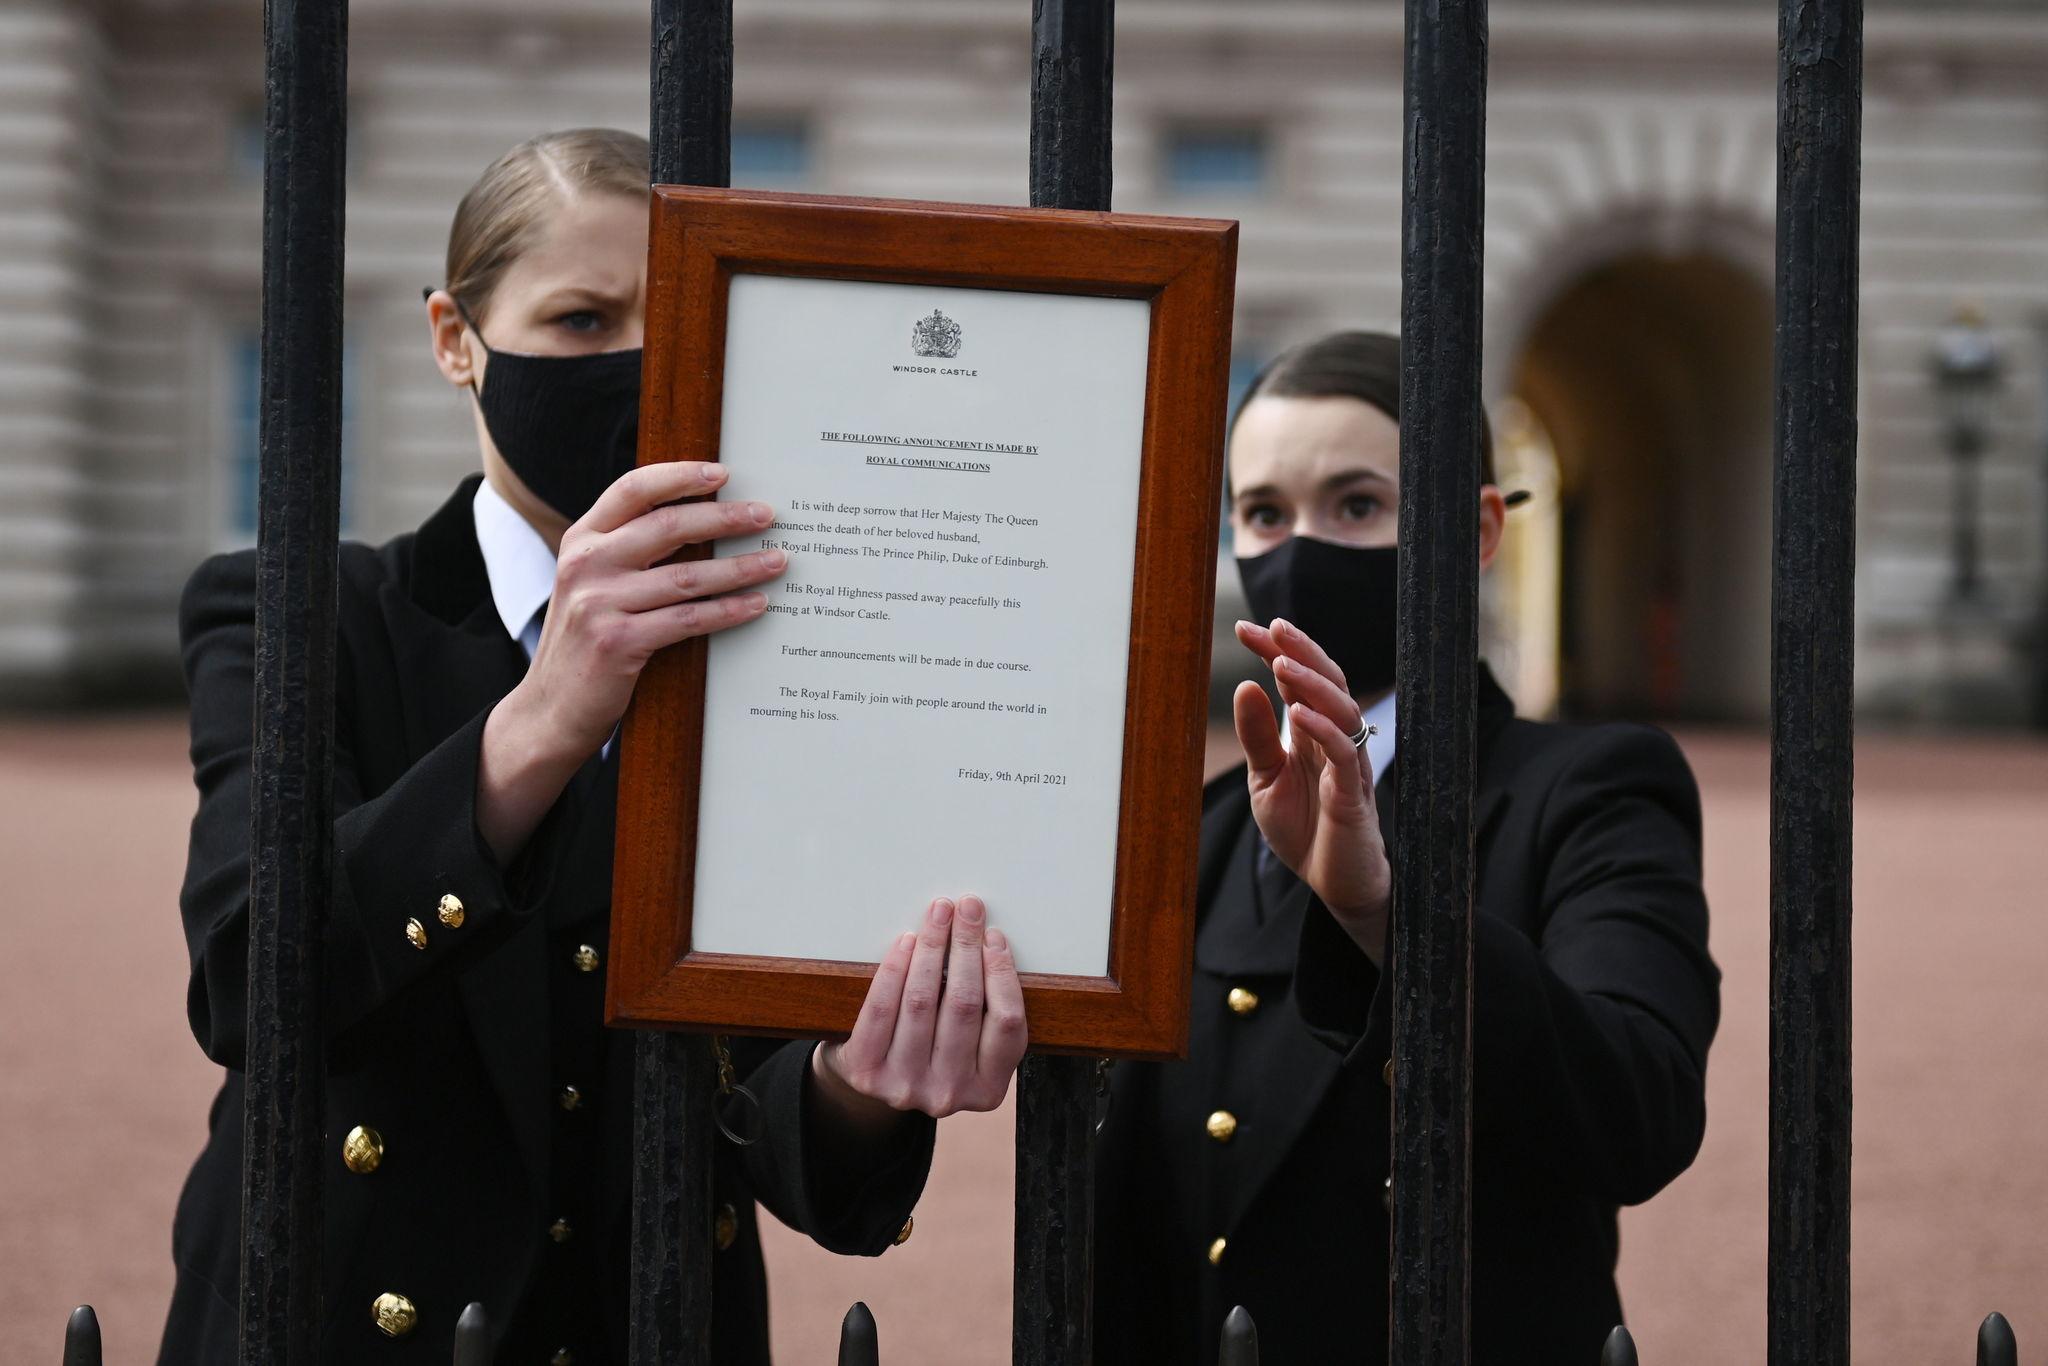 Comunicado en la puerta del Palacio de Buckingham.